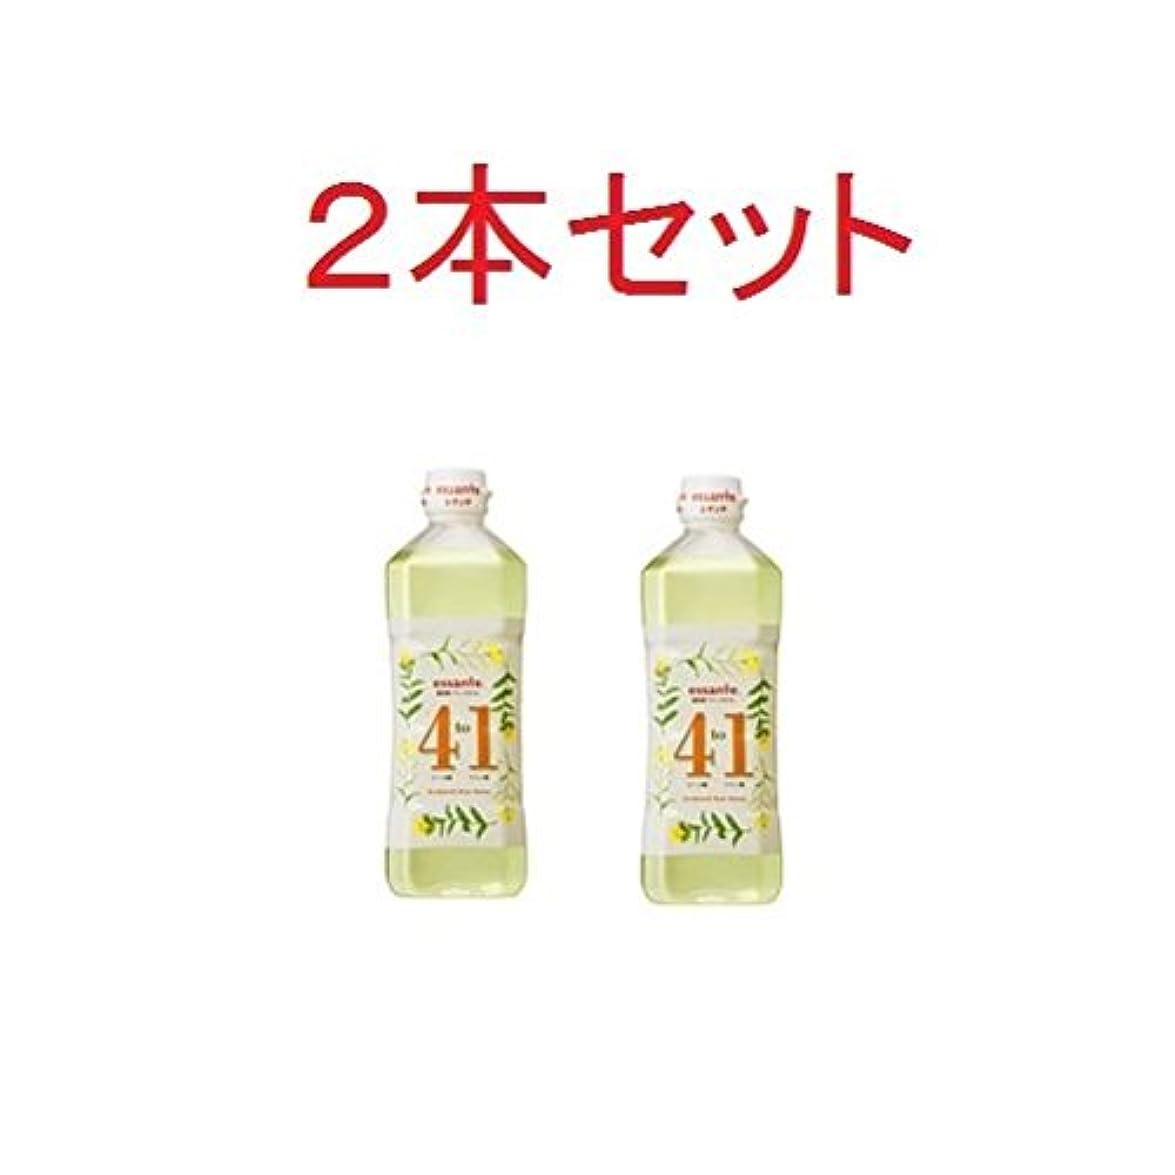 愛国的な衣服算術2本セット アムウェイ エサンテ 4 to 1 脂肪酸バランスオイル